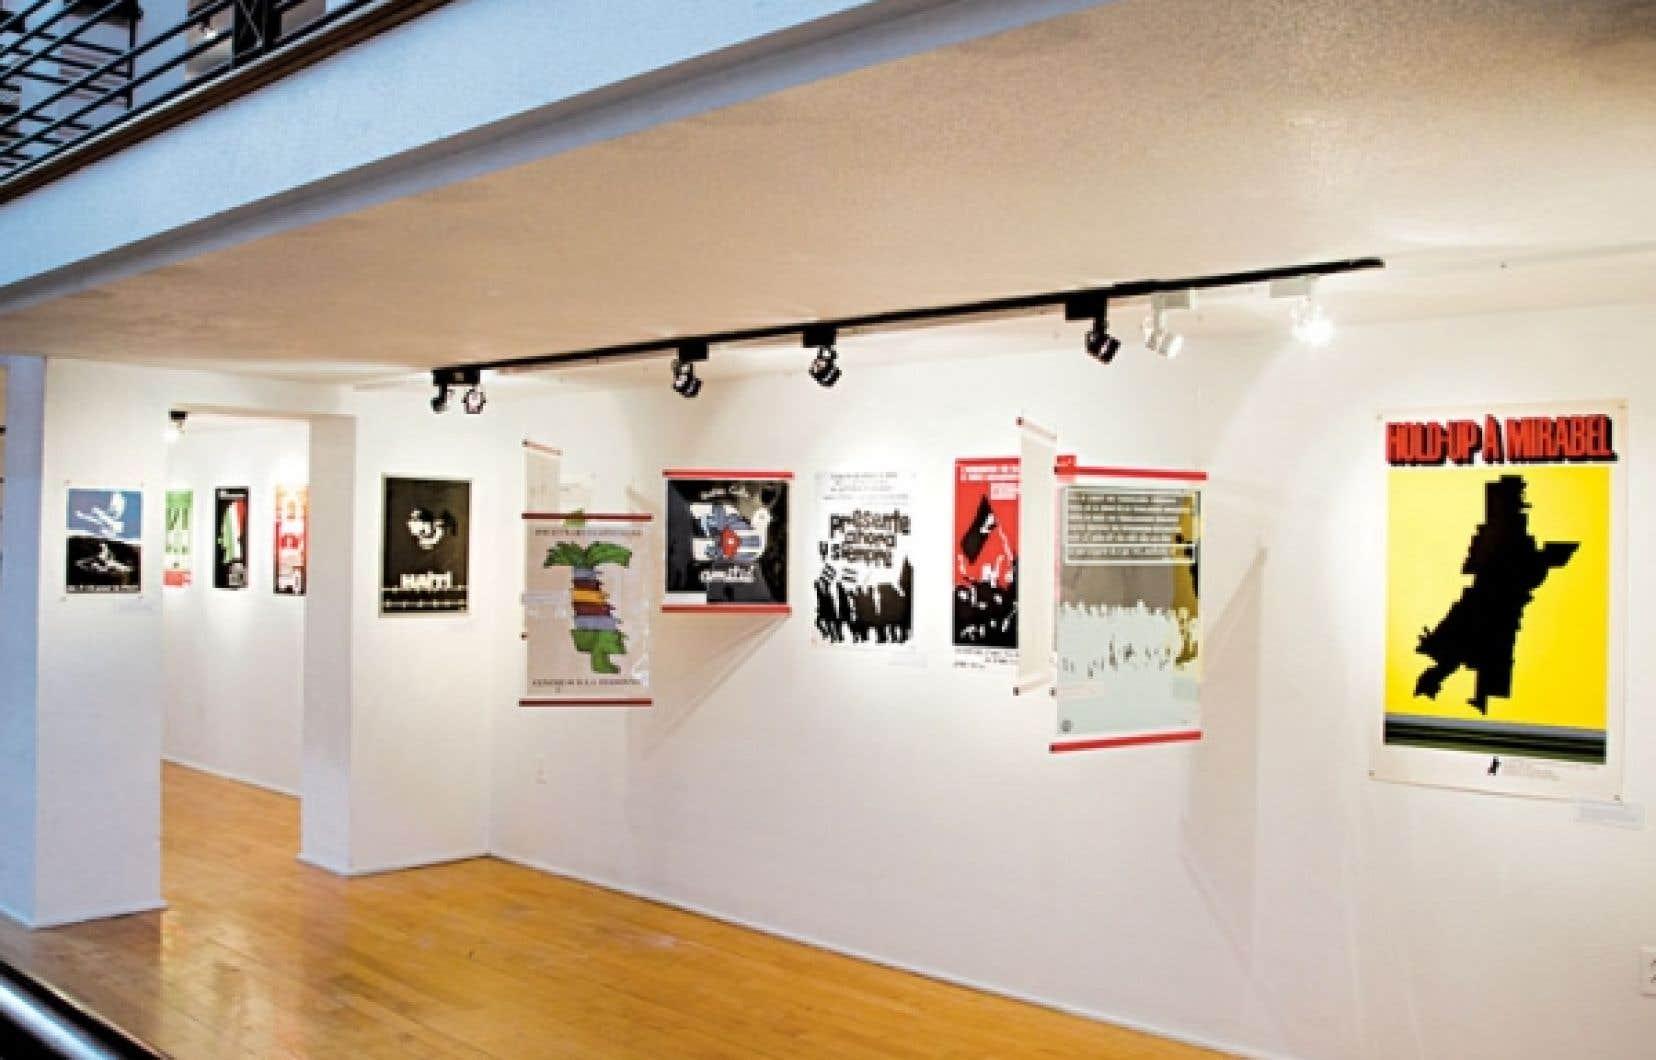 Les affiches du collectionneur François-Guy Touchette témoignent des grands mouvements sociaux du Québec des dernières décennies.